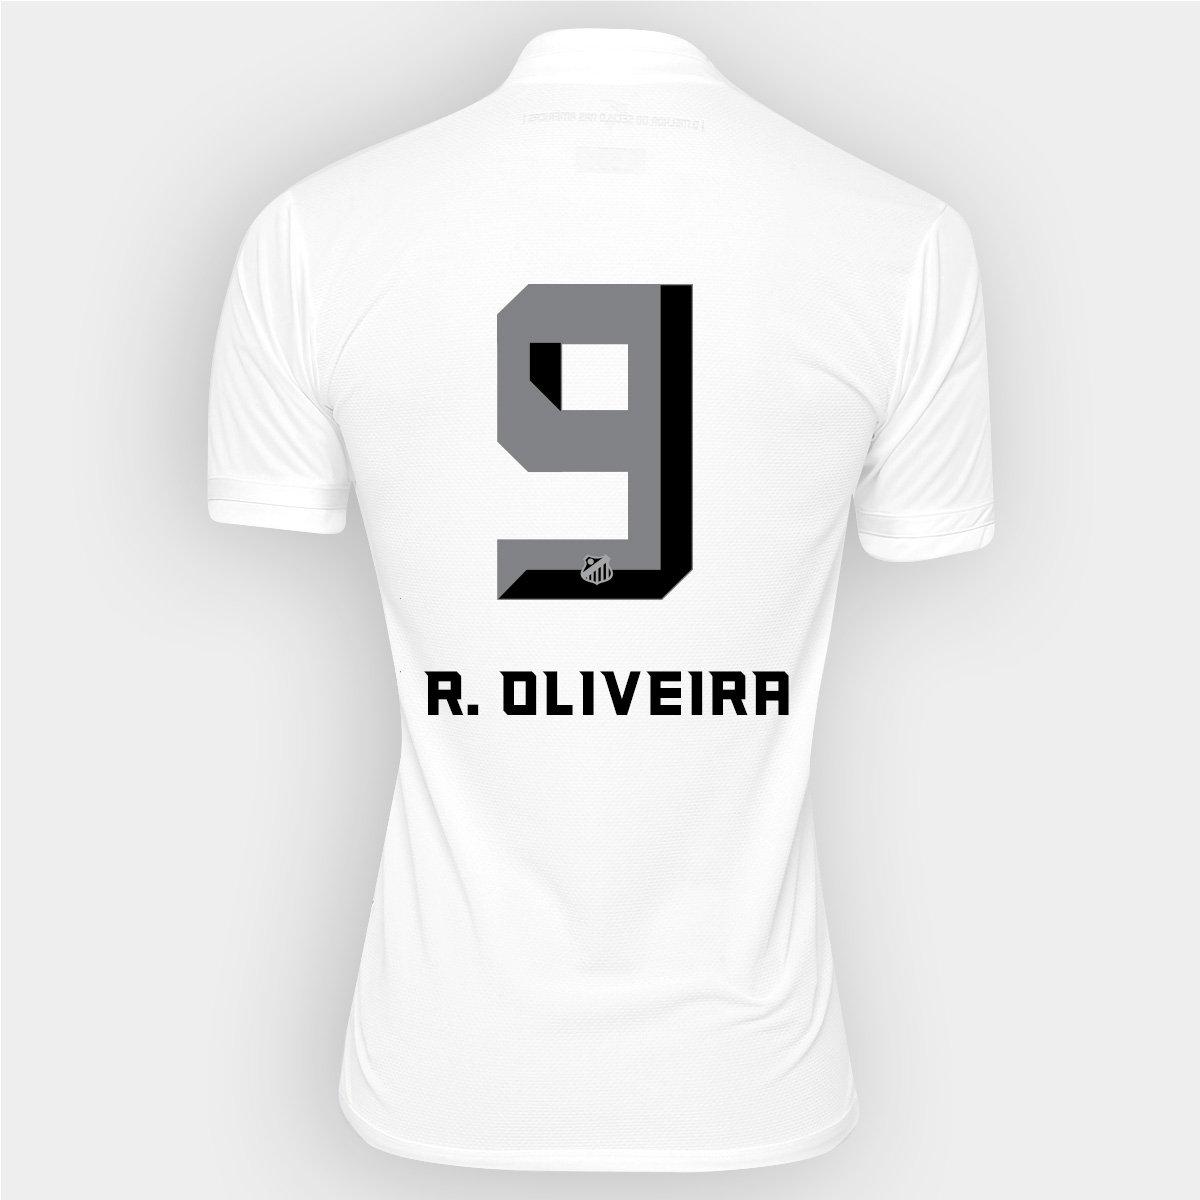 Camisa Kappa Santos I 2016 nº 9 - R. Oliveira - Compre Agora  2fe62caa9acb3